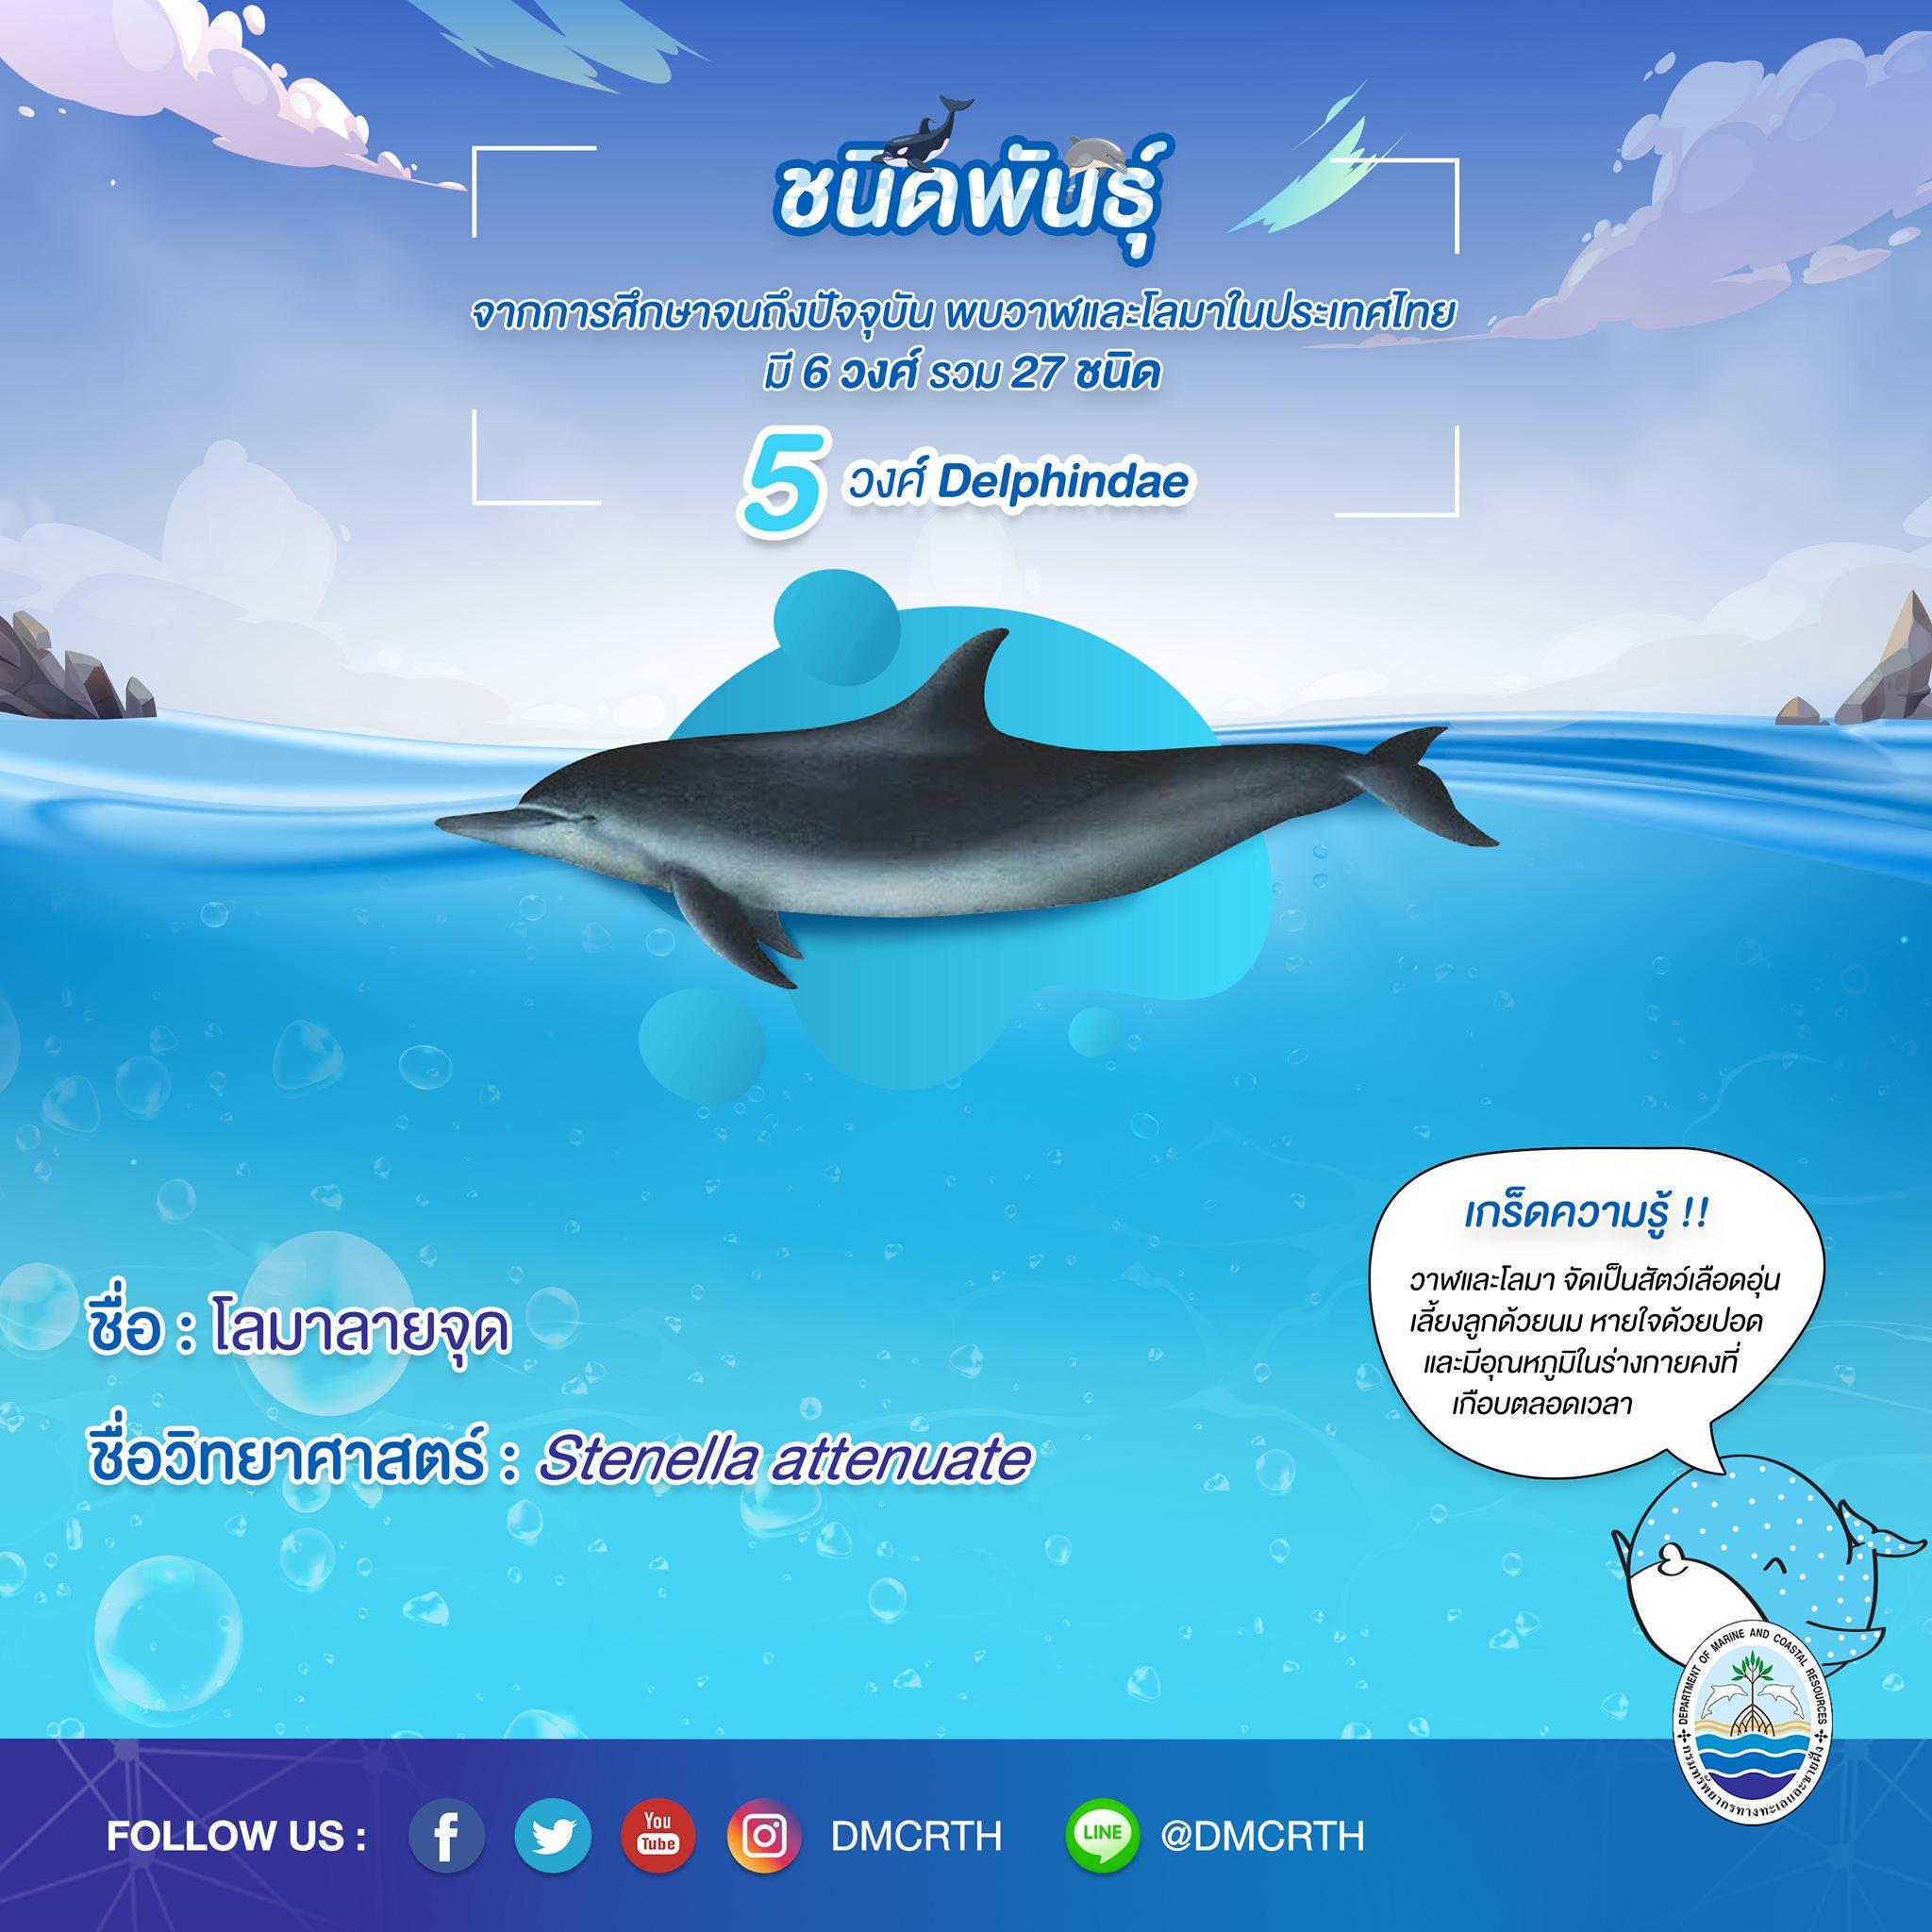 รู้จักเรา รู้จักวาฬ/โลมา วันละชนิด #๒๓ โลมาลายจุด